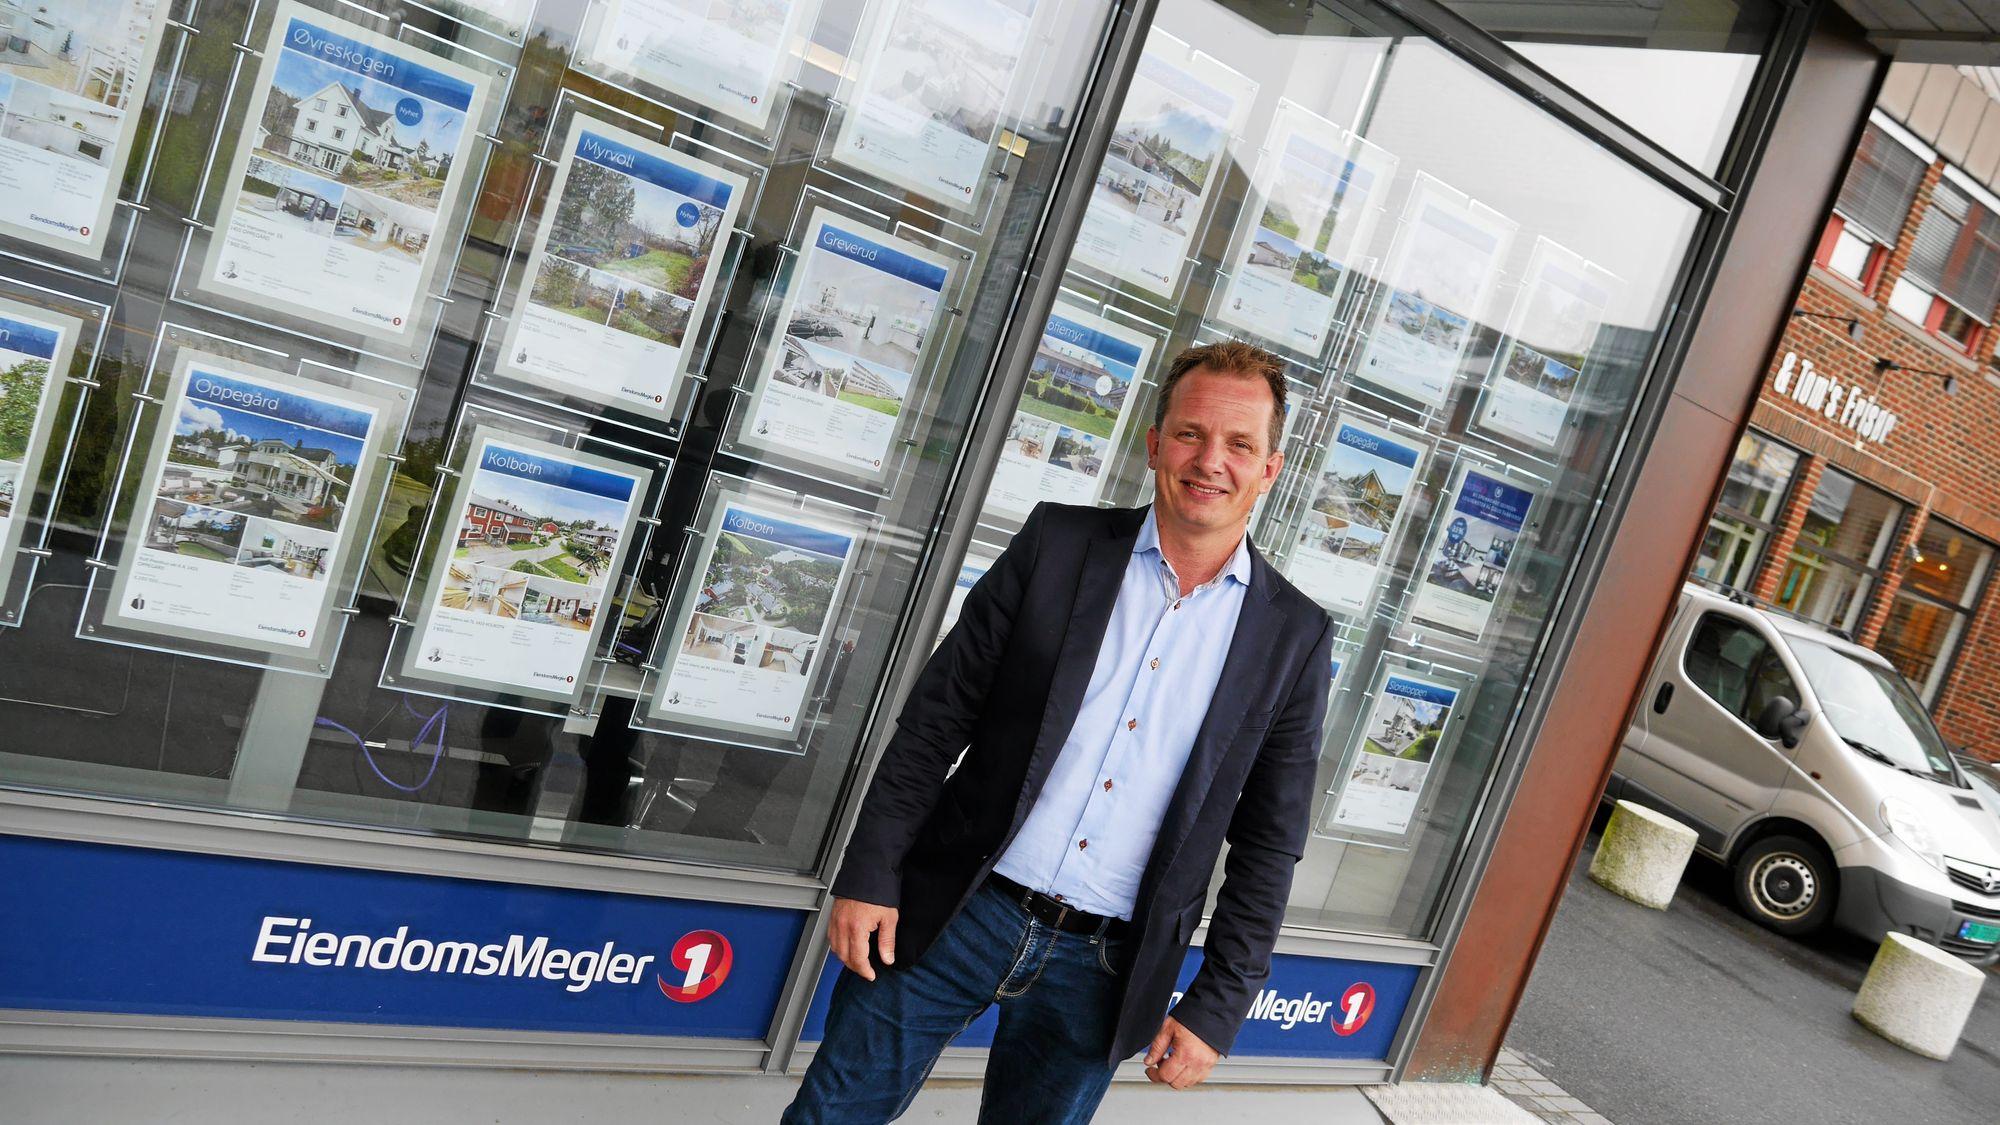 TROR PÅ TIDEN FREMOVER: Bent André Norderhaug, eiendoms-megler MNEF i Eiendomsmegler 1.